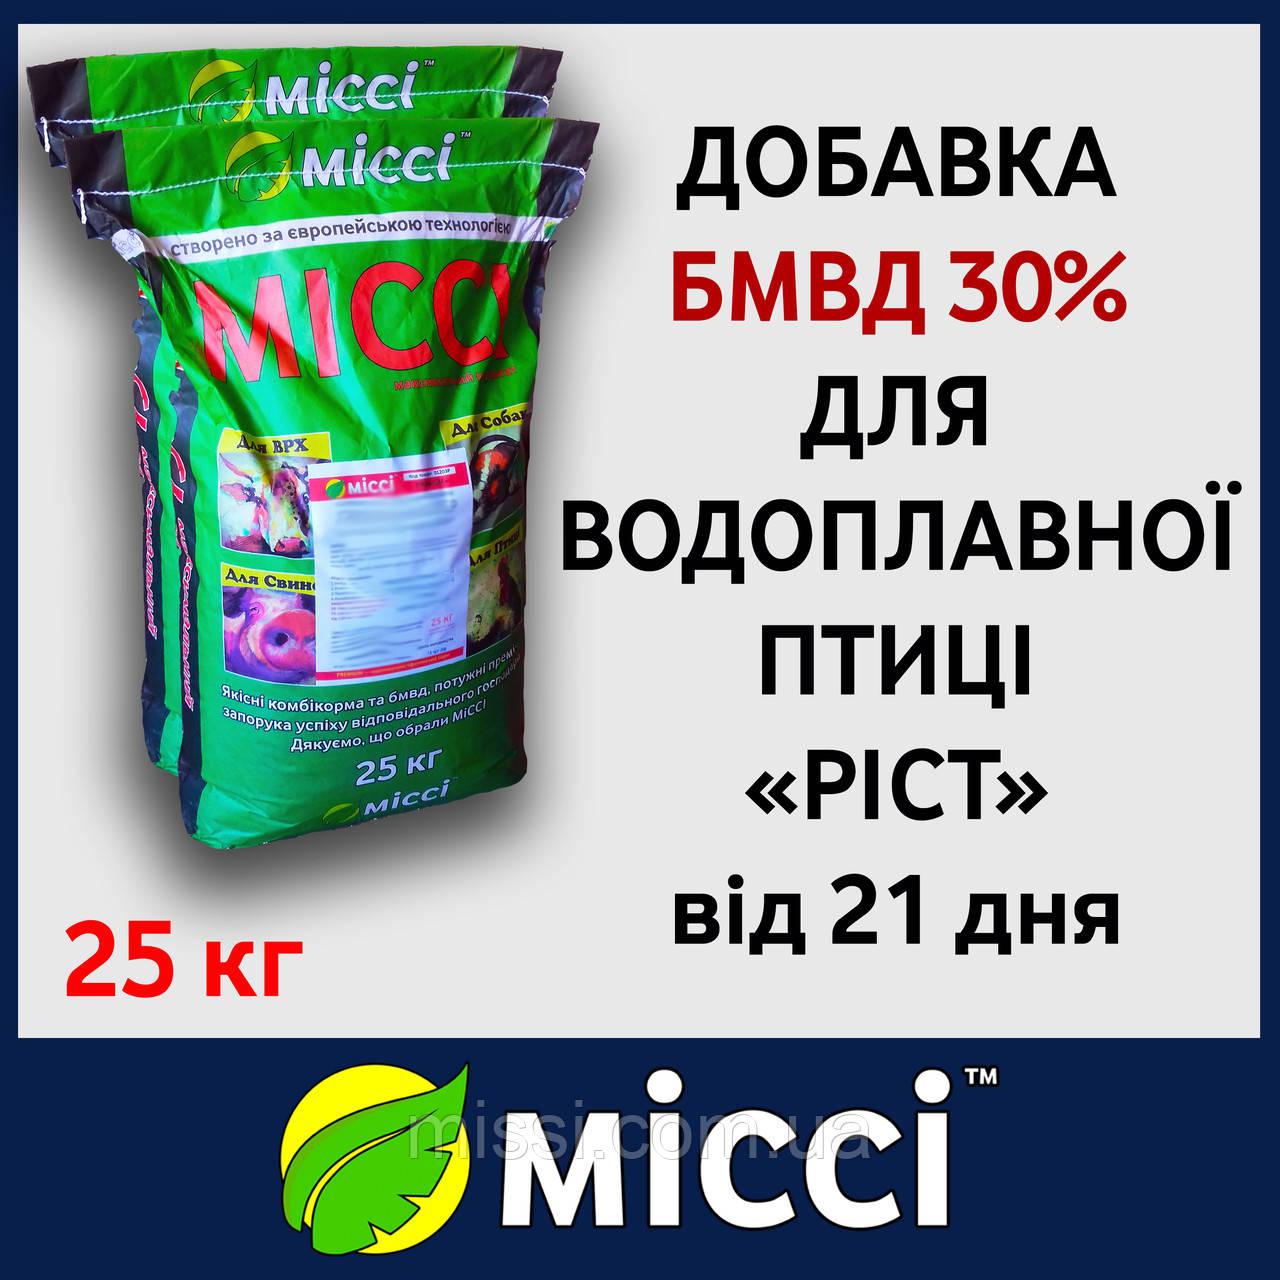 БМВД 30% Водоплавающая Птица от 21 дня Рост (мешок 25 кг) Міссі